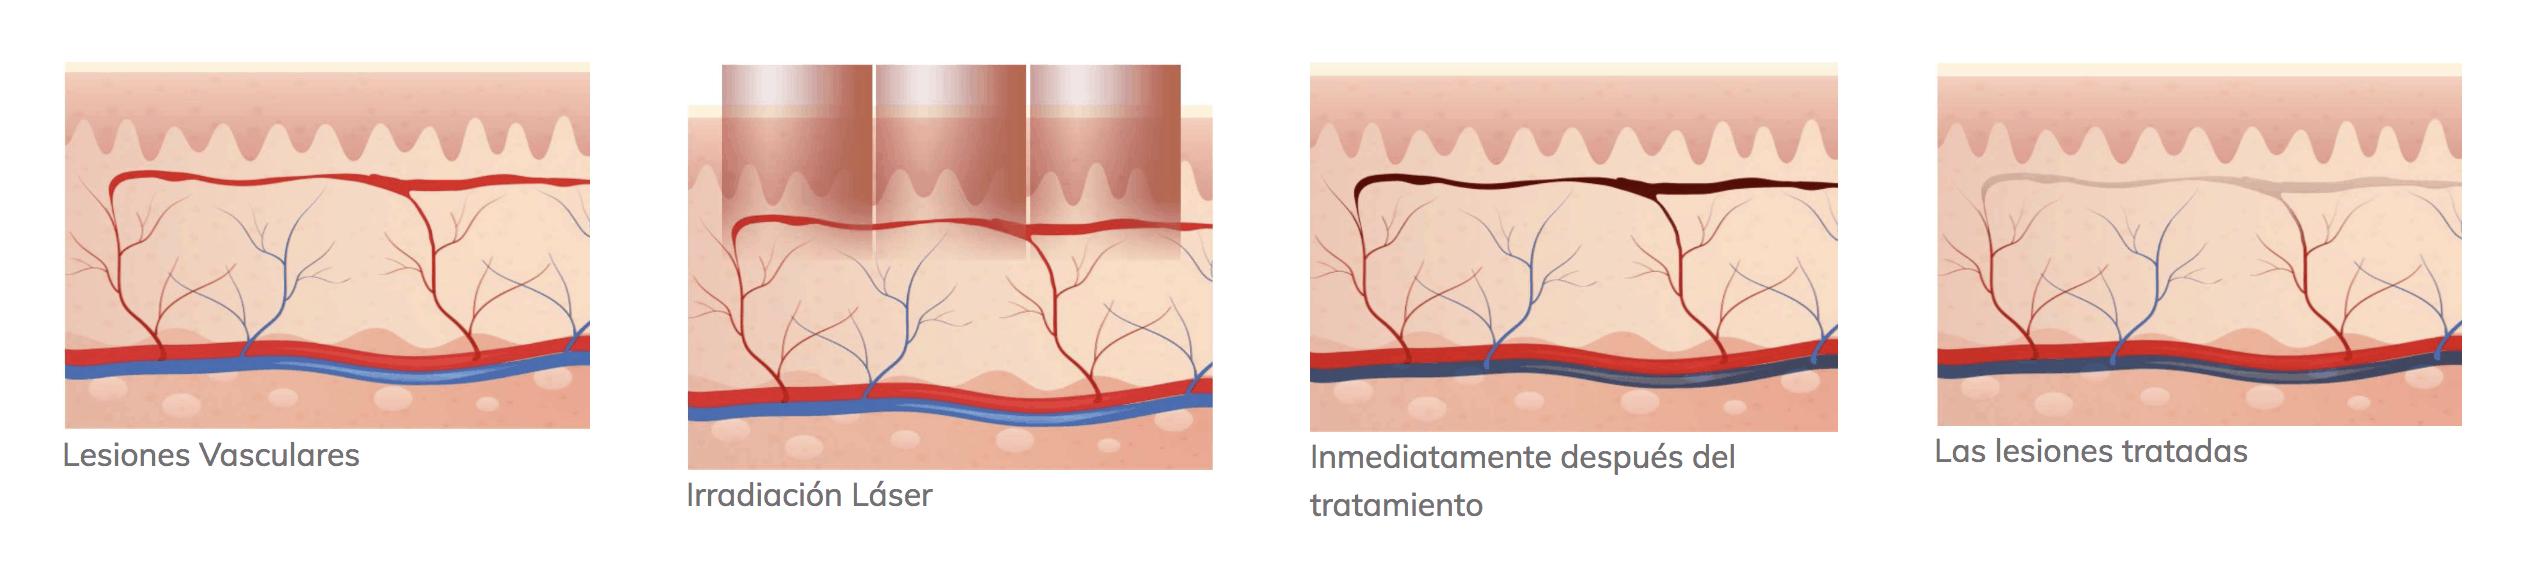 v-laser lesiones vasculares, pigmentarias y rejuvenecimiento. Belium Medical distribuidor oficial españa